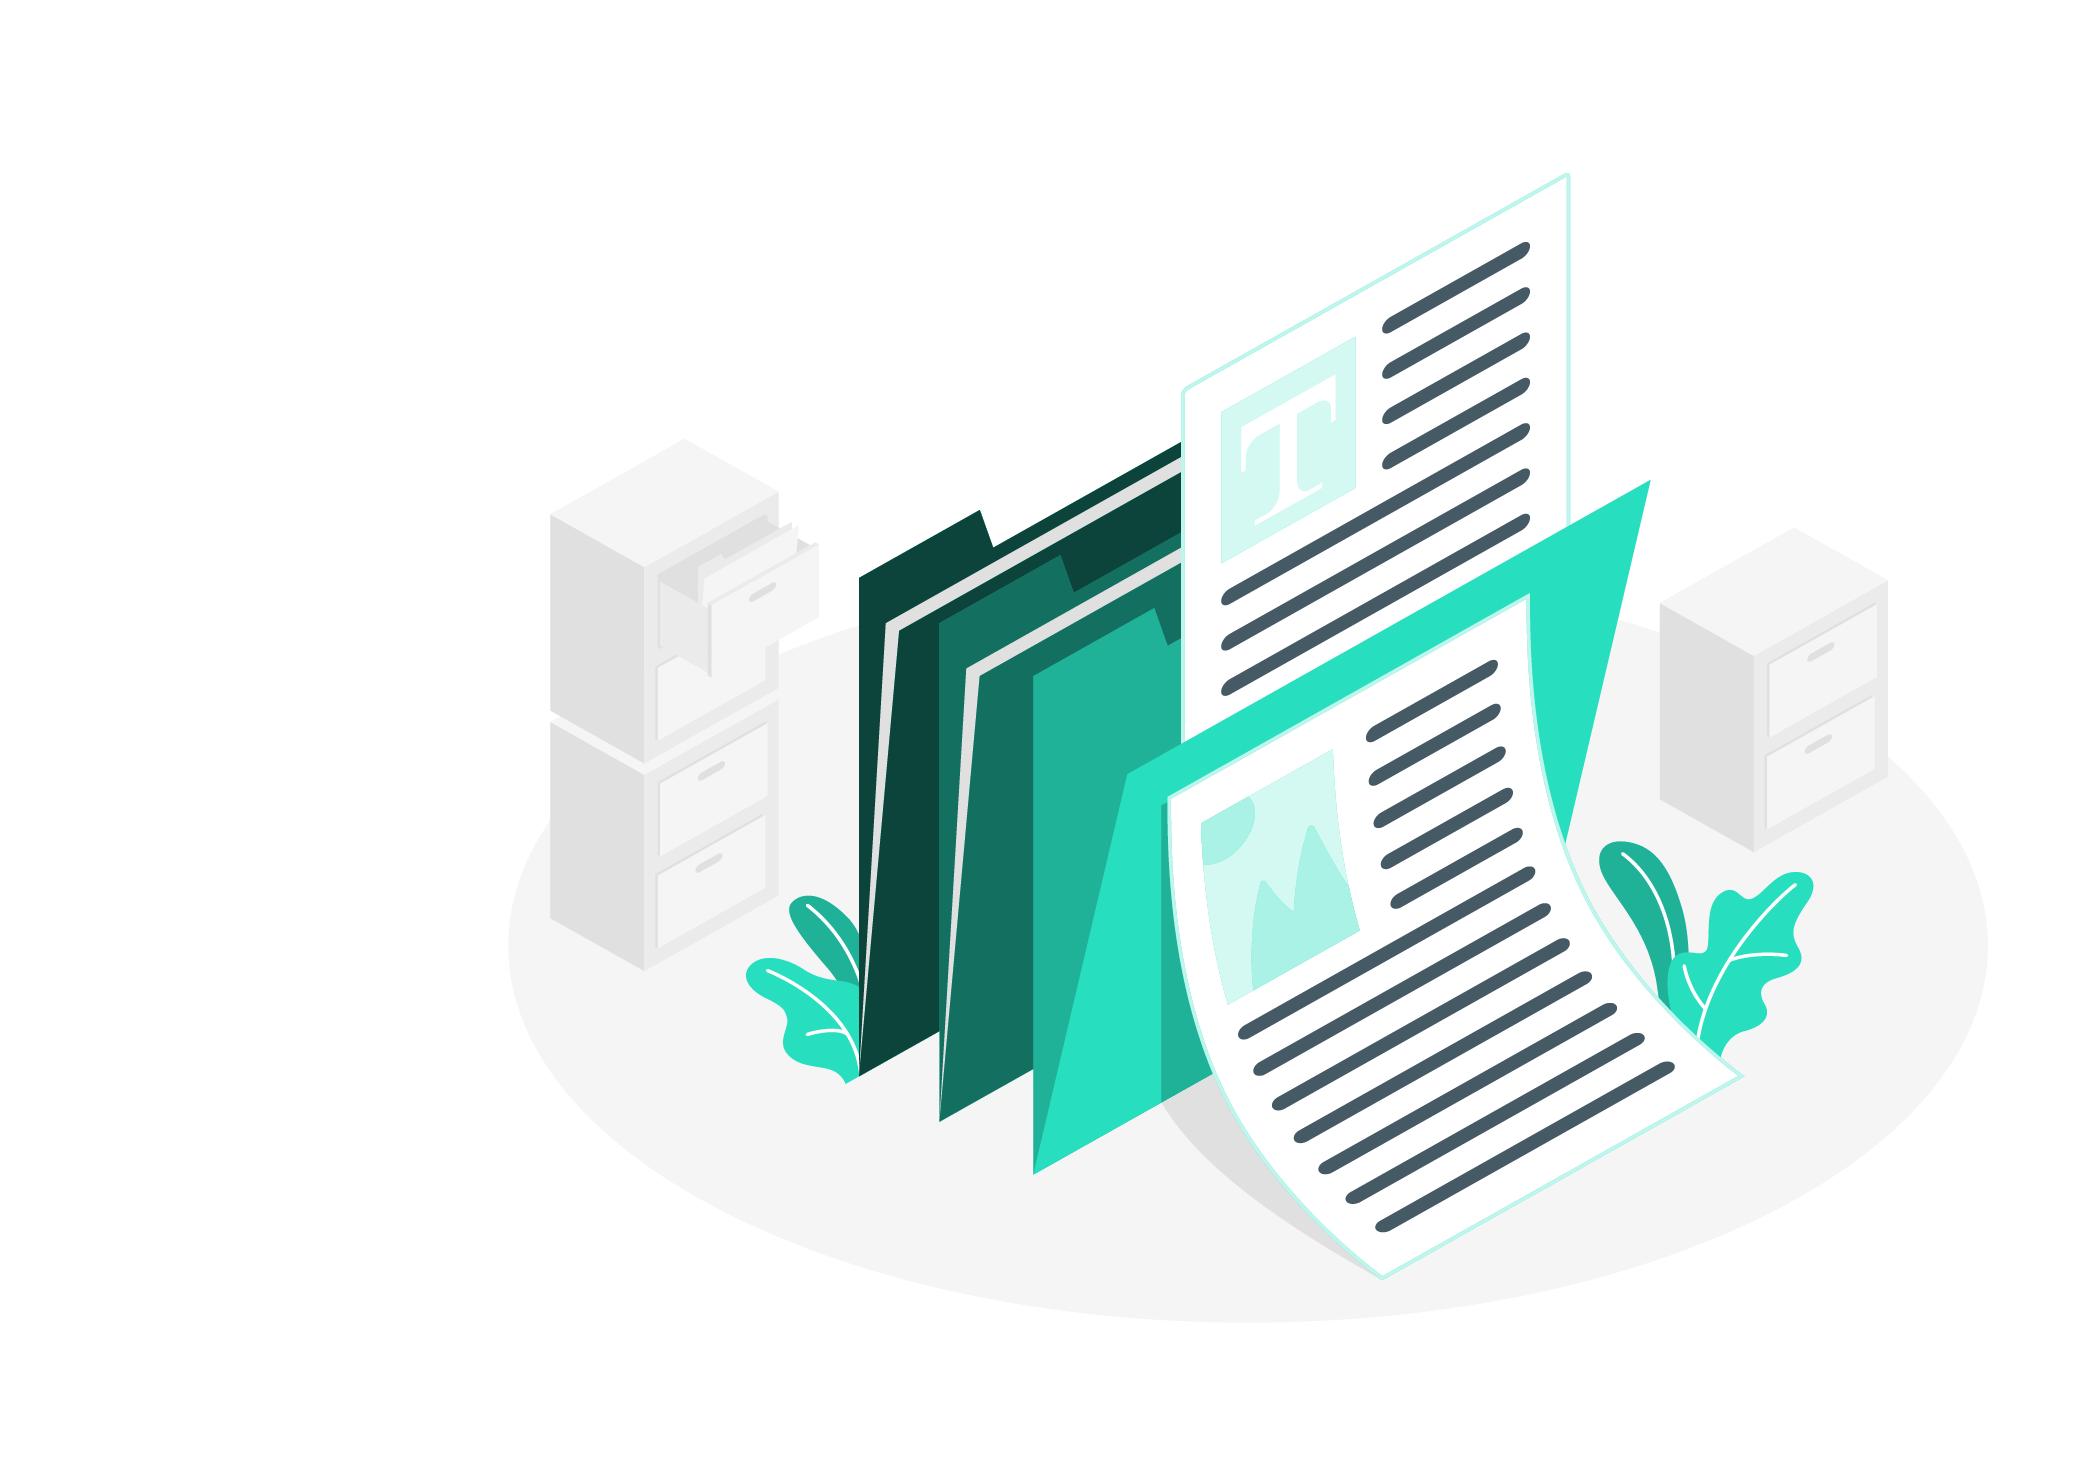 documentos de projetos